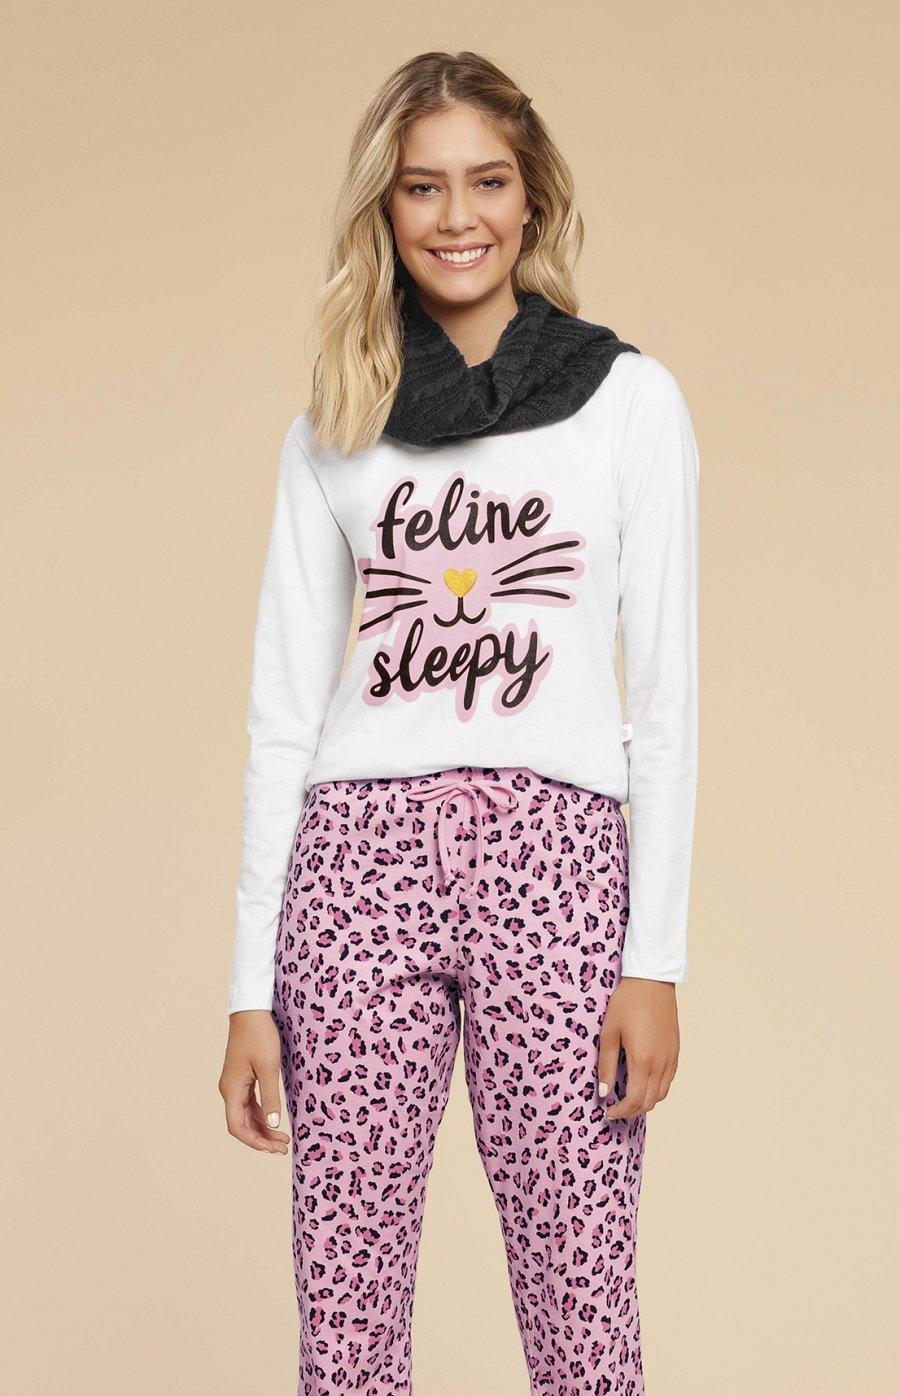 Pijama Plus Size 100% Algodão Quarteto Fantástico Inverno 2019 CLOUD CLUB